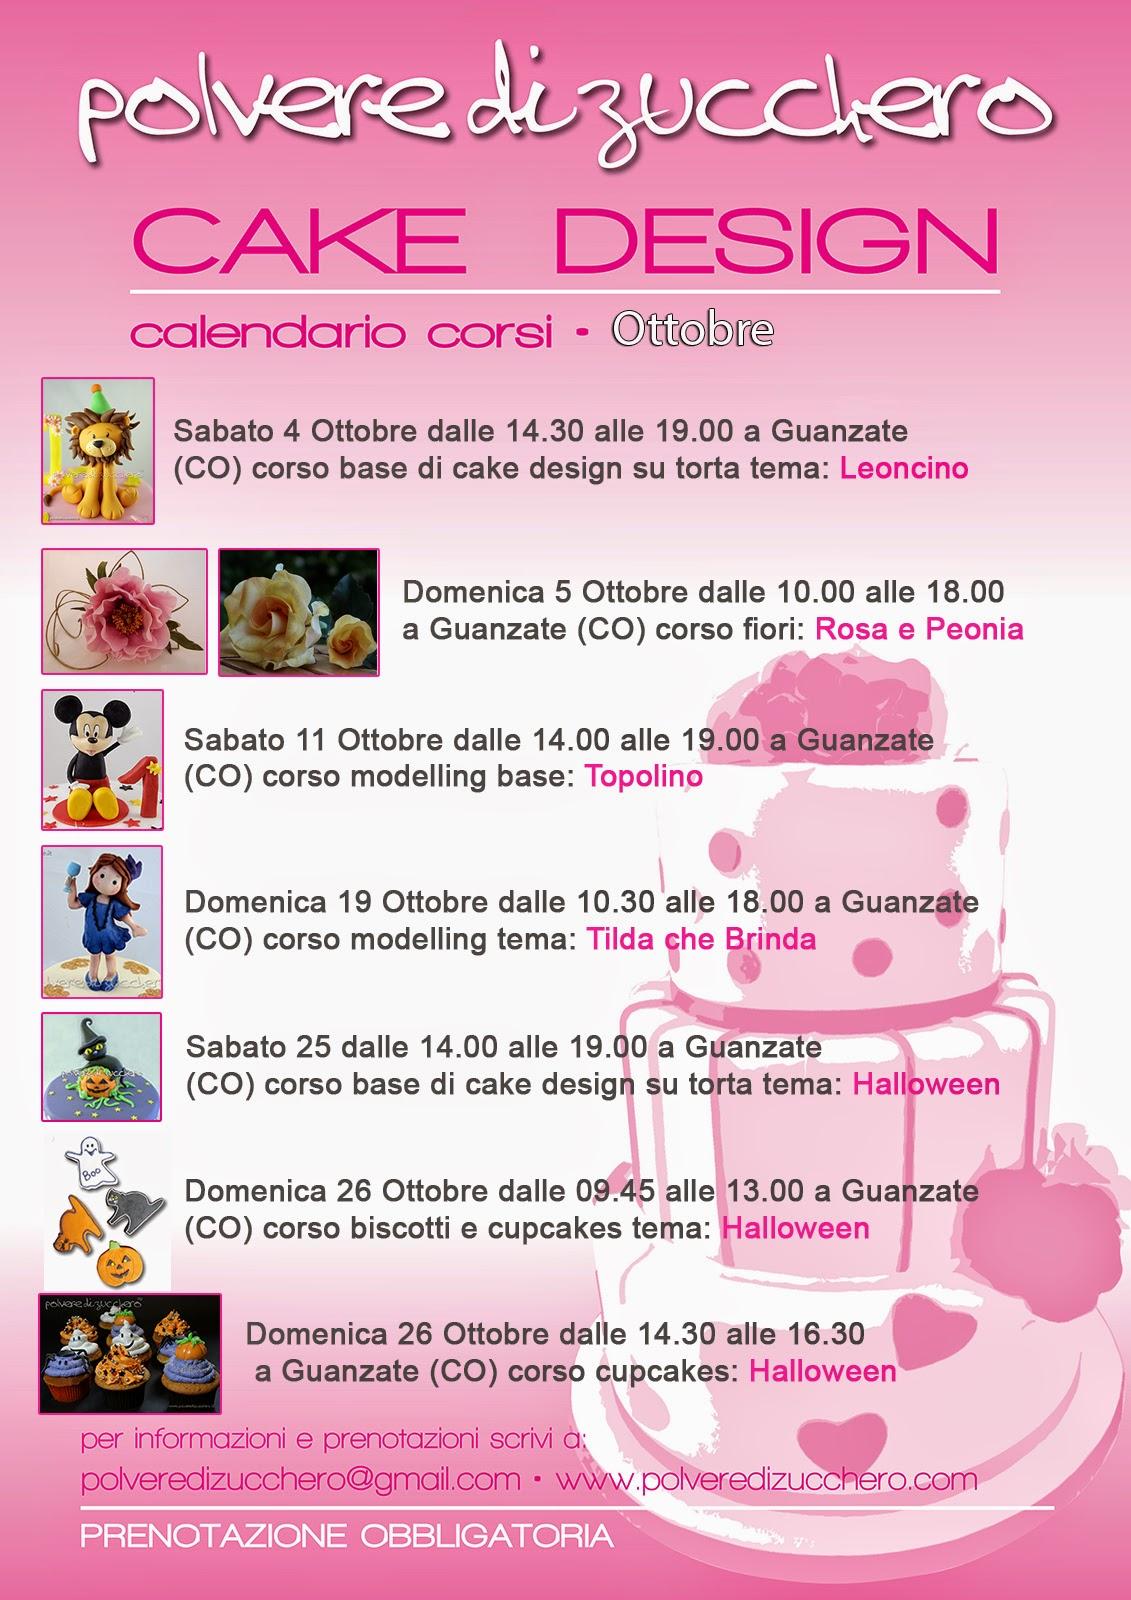 corsi cake design lombardia ticino saronno varese legnano como 2014